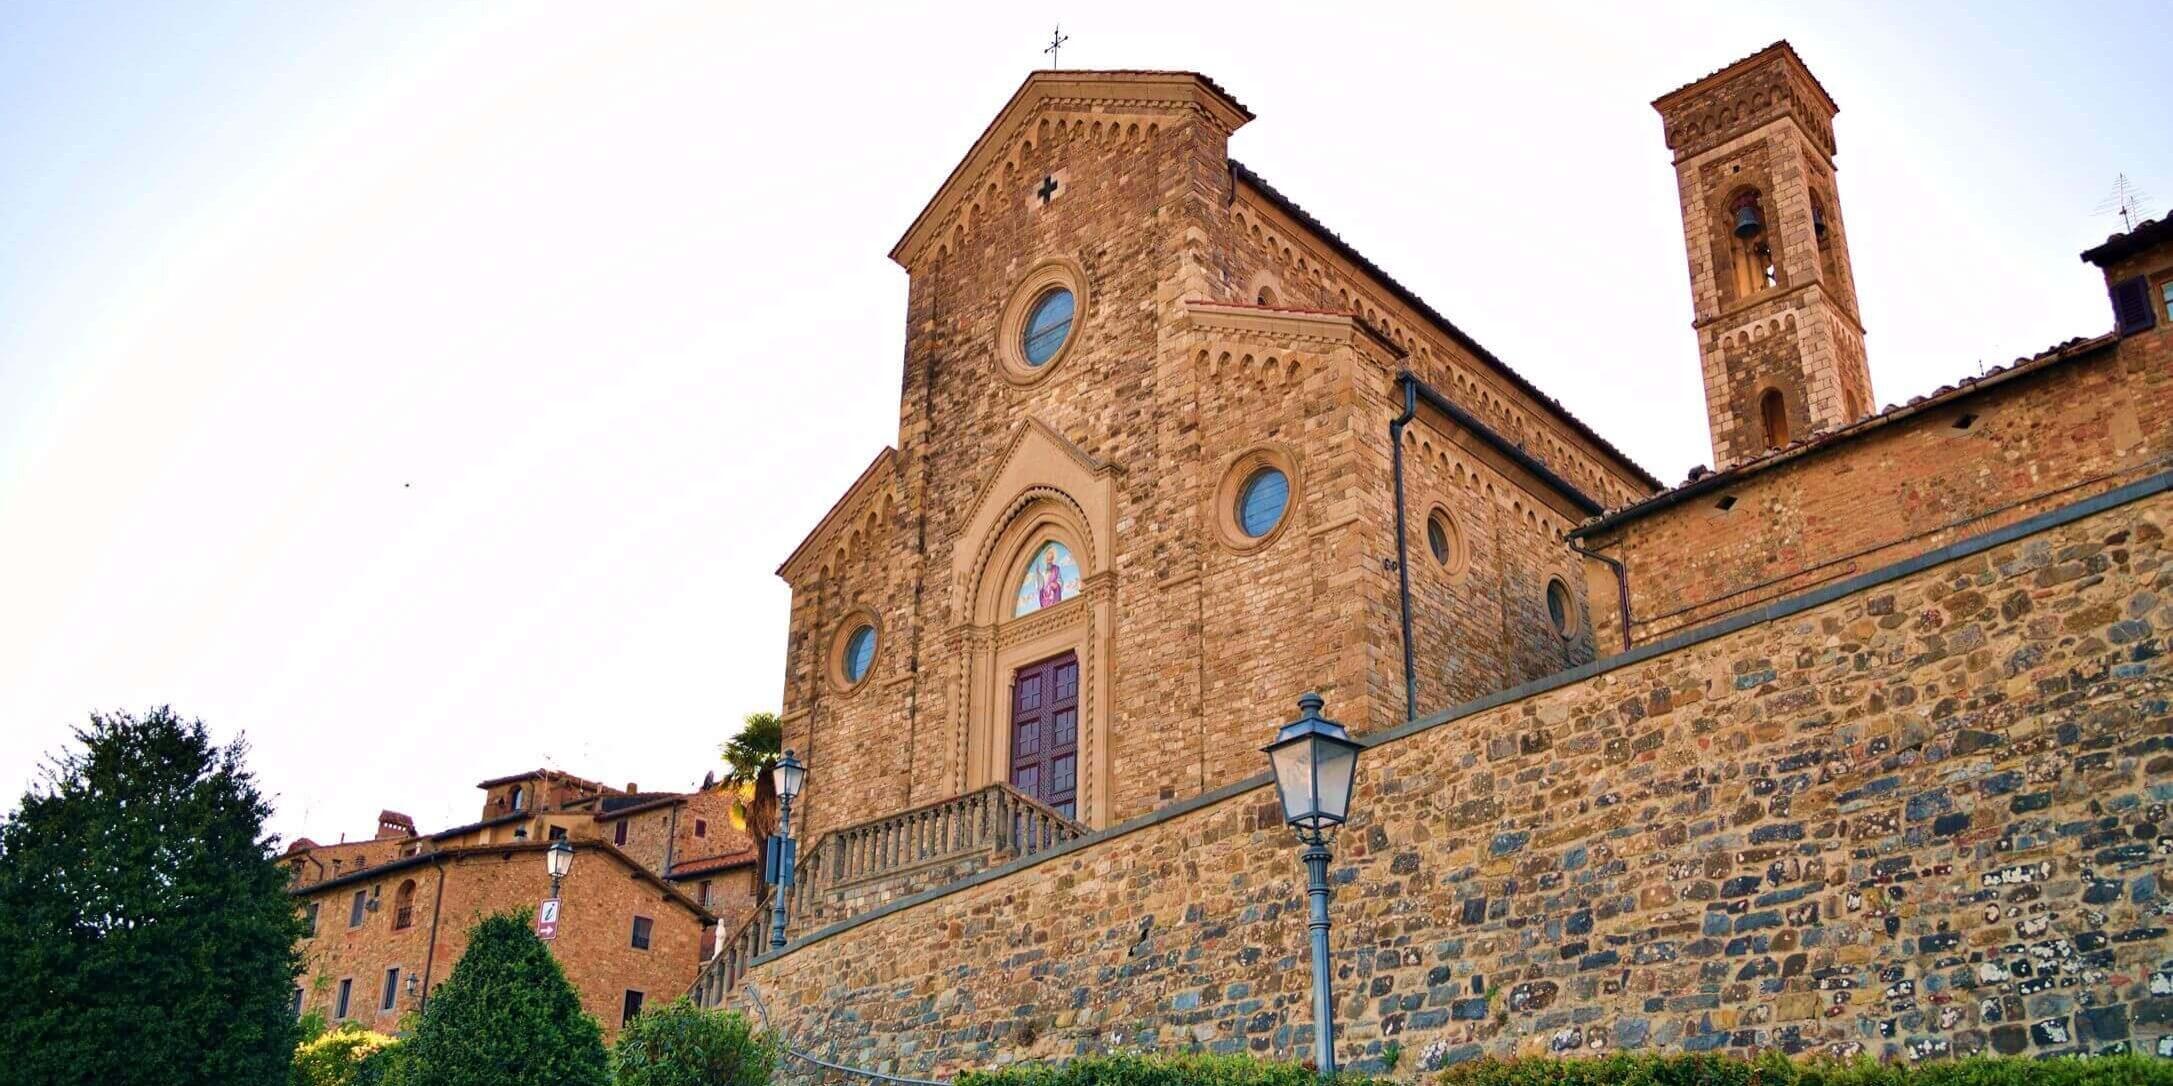 02-VisitChianti-Barberino-Val-d'Elsa-Pieve-di Sant'Appiano-shutterstock_1662559858-2173x1566